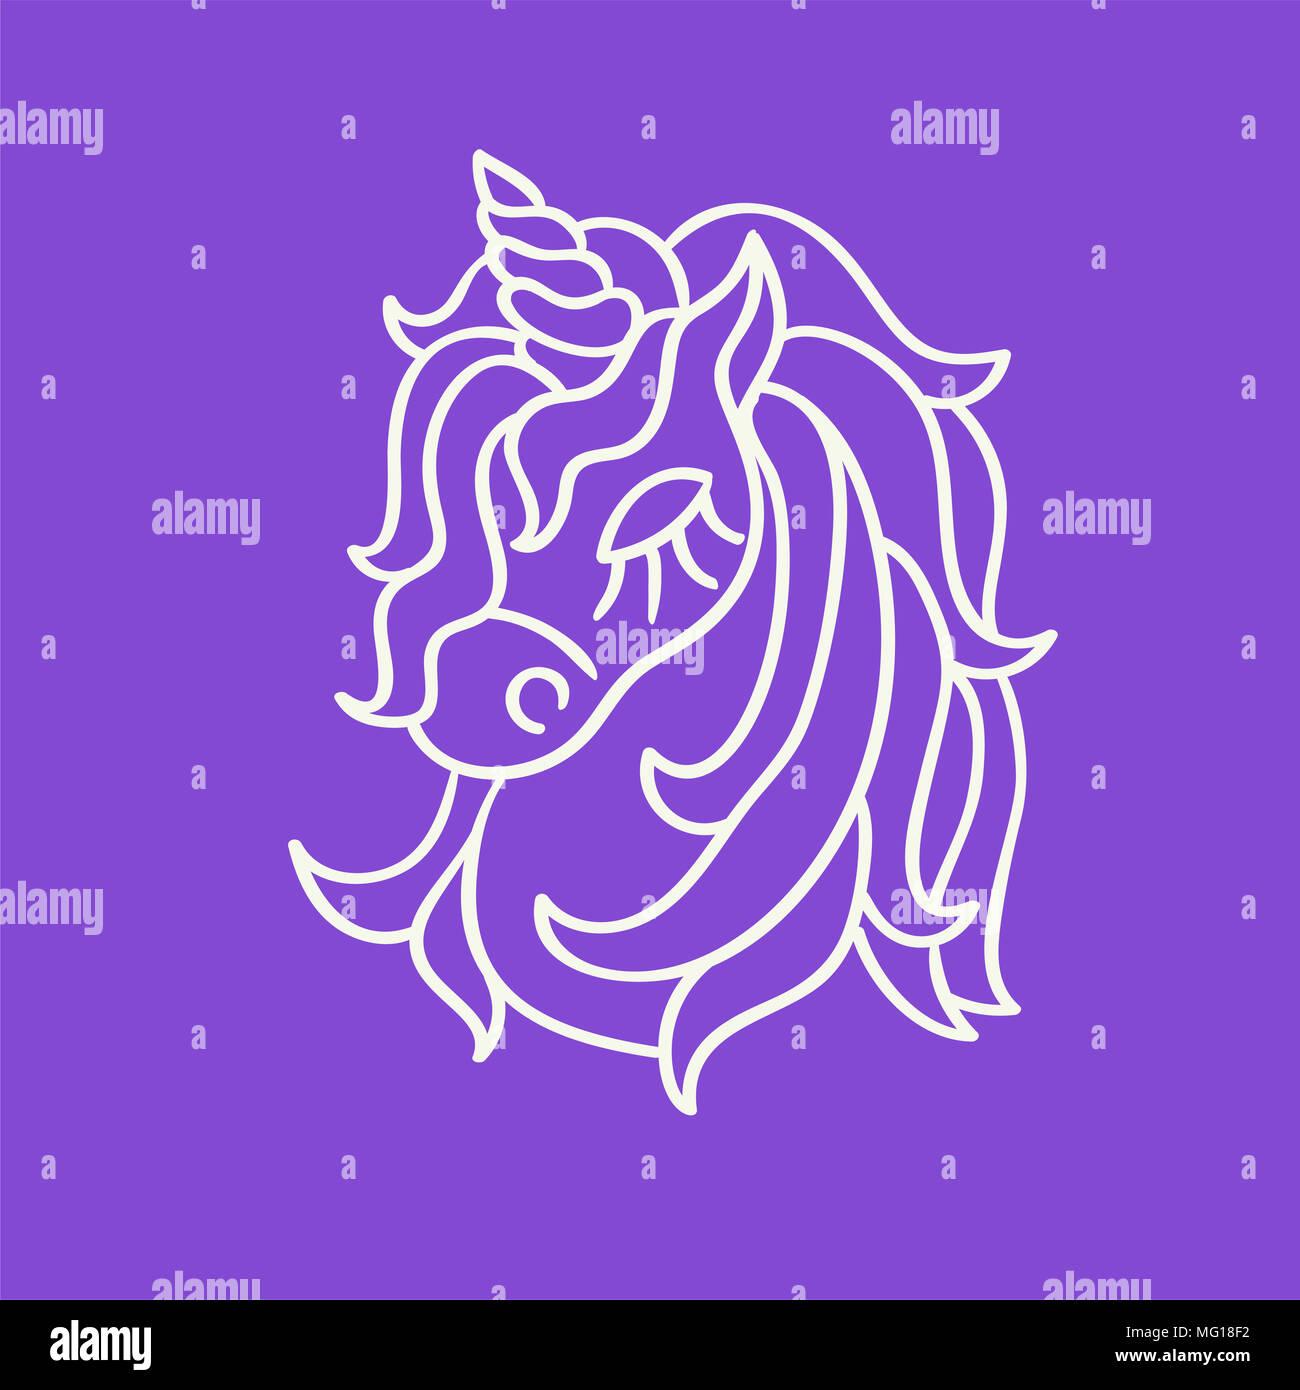 Süße Einhorn Kopf weißer Umriss Skizze Symbol auf dem violetten ...